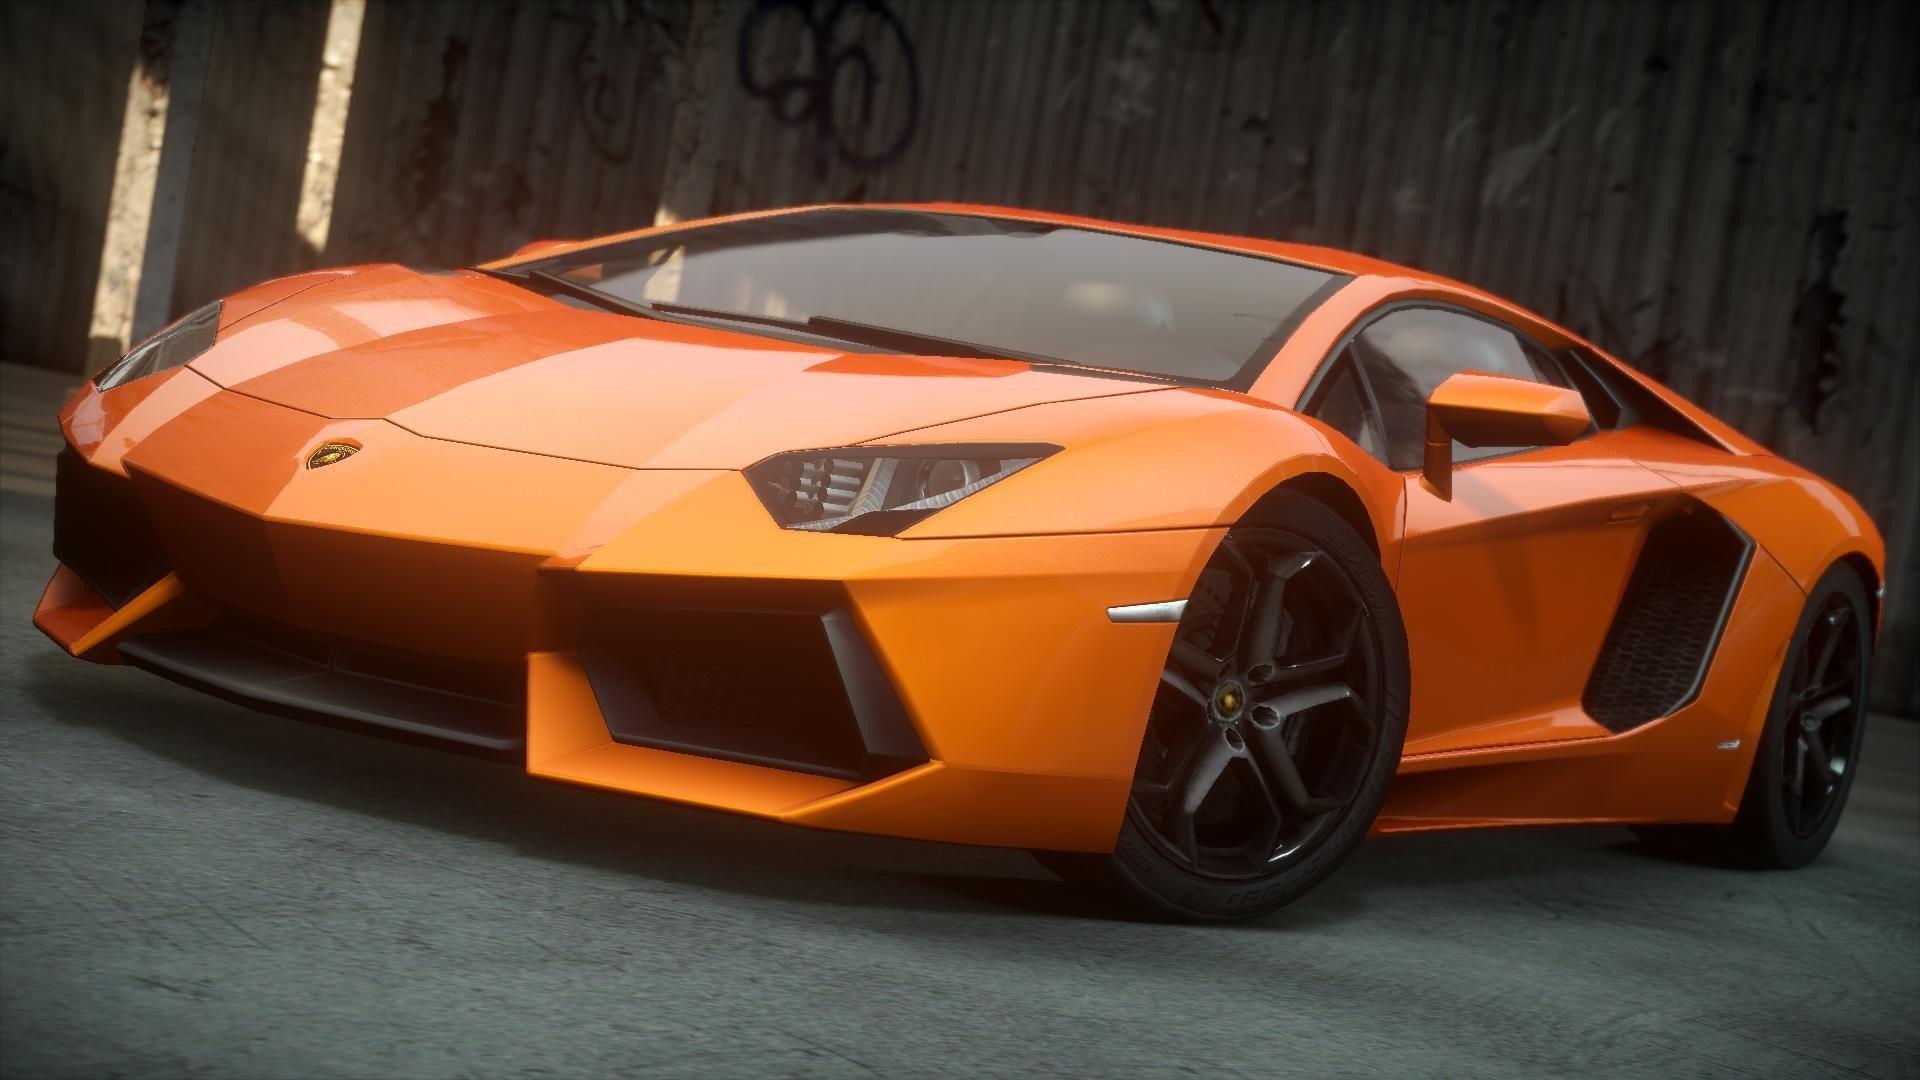 Lamborghini Lamborghini Aventador Need For Speed Need